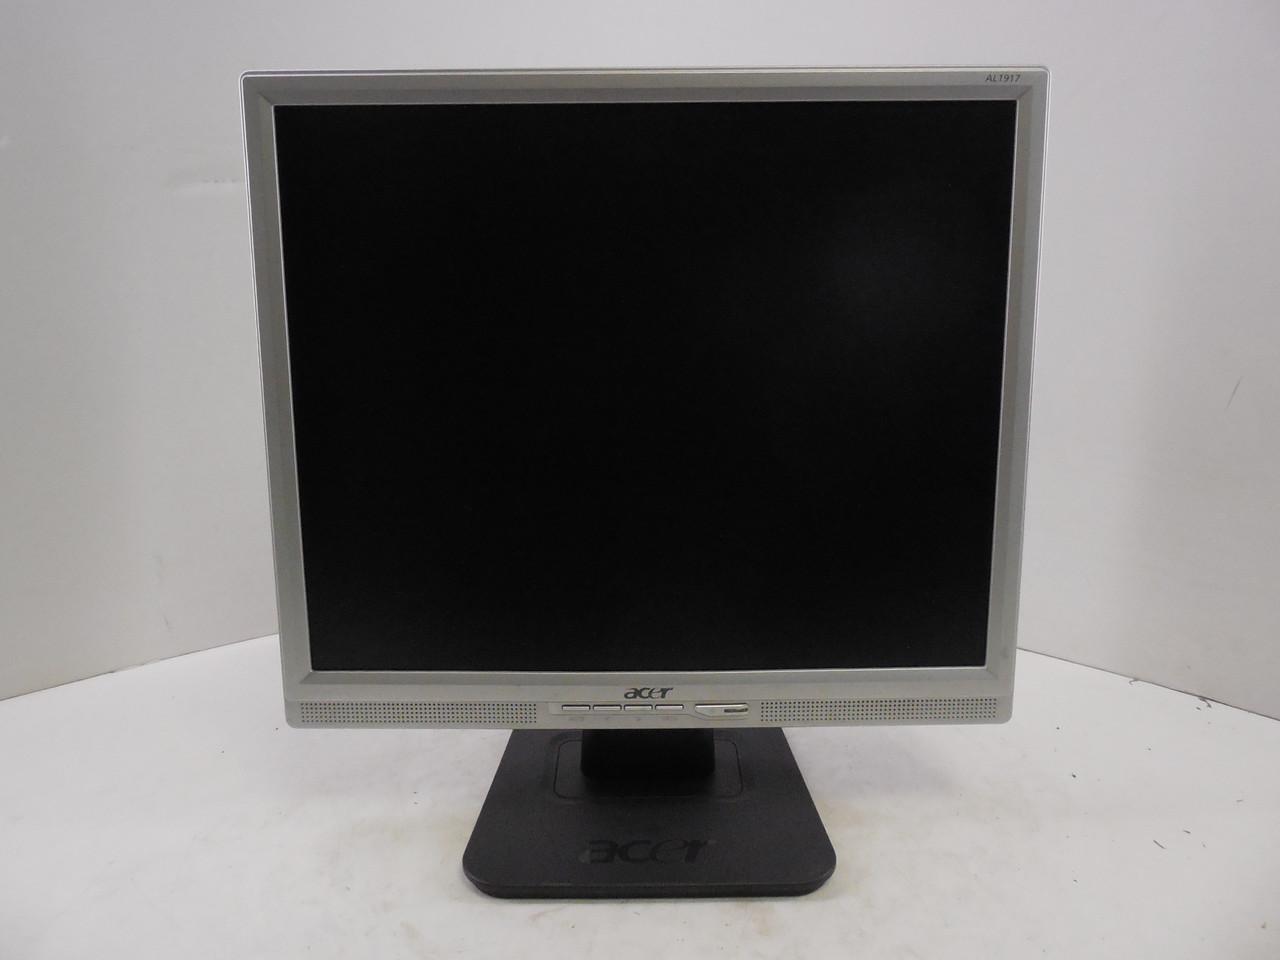 Монитор, Acer AL1917 A, 19 дюймов